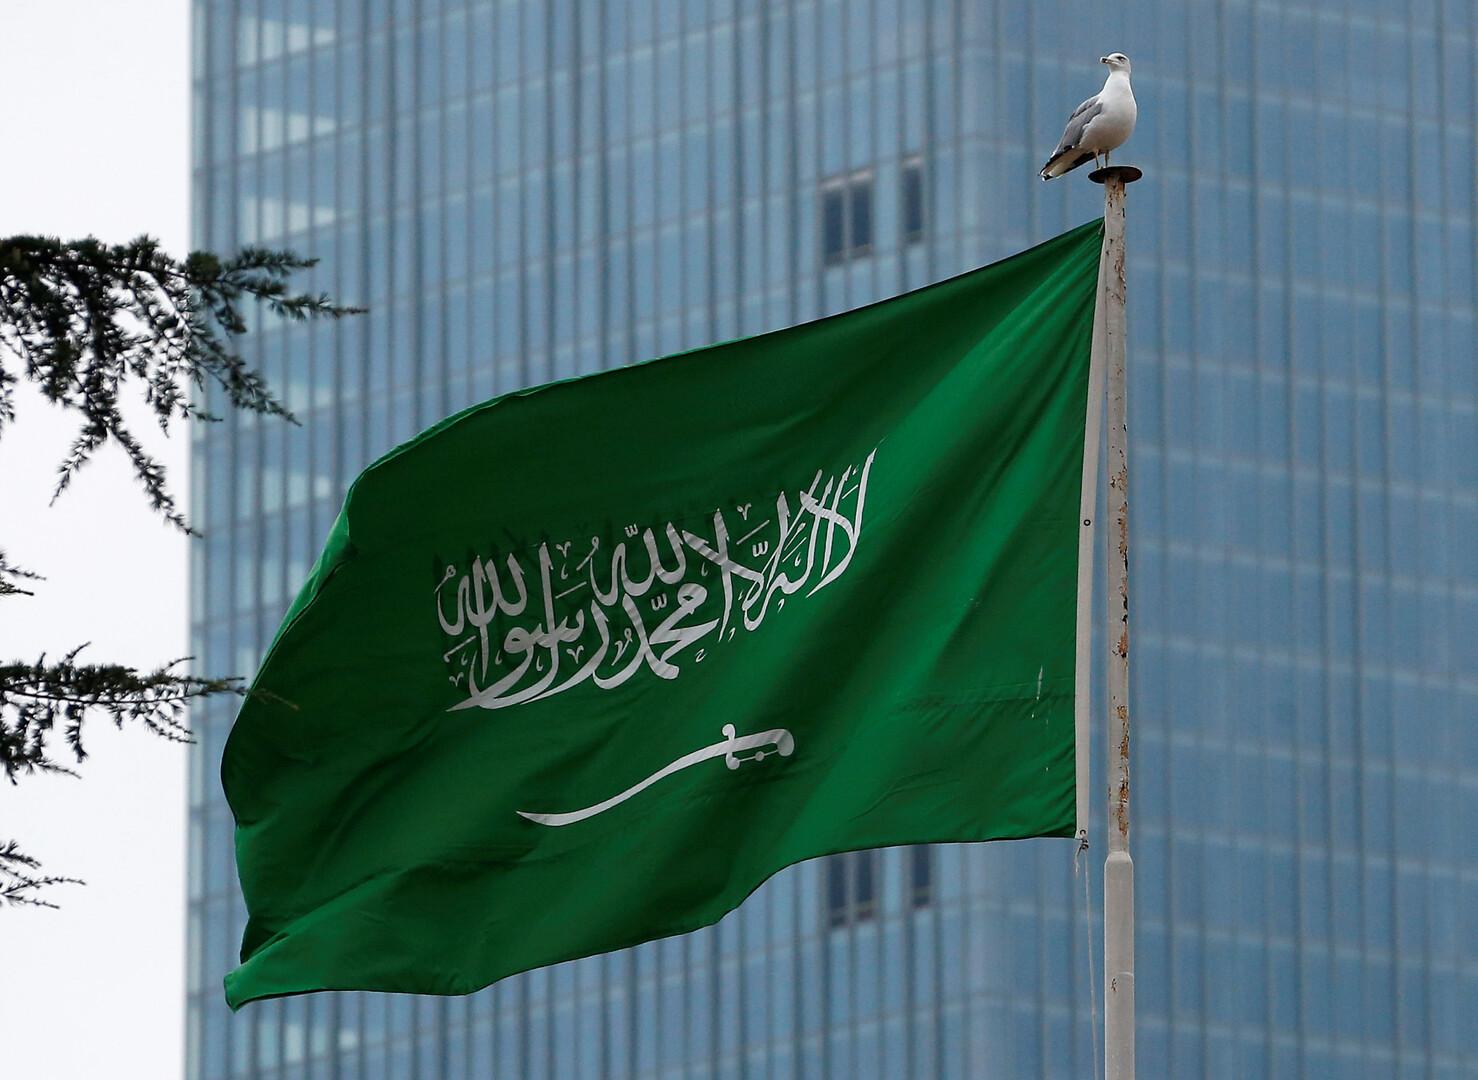 السعودية تعلن عن حالة وفاة داخل العائلة المالكة